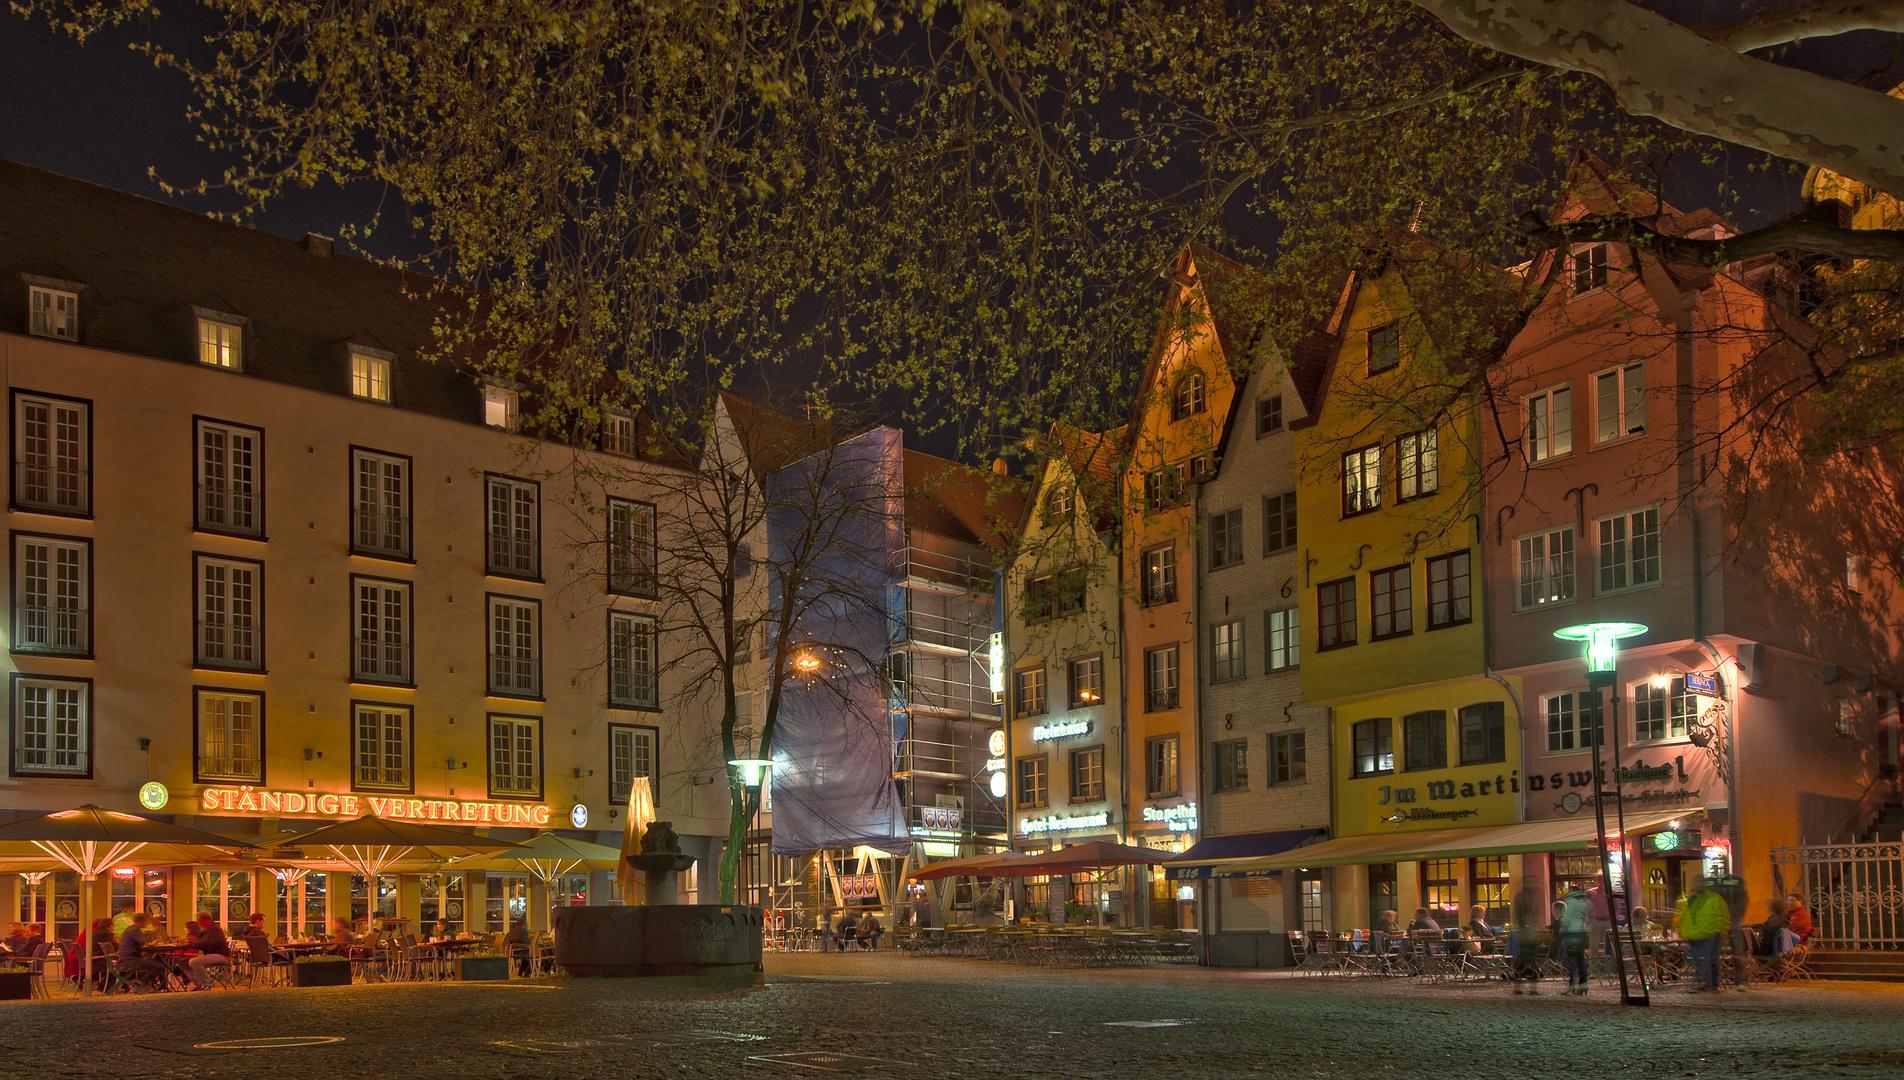 Ständige Vertretung Köln